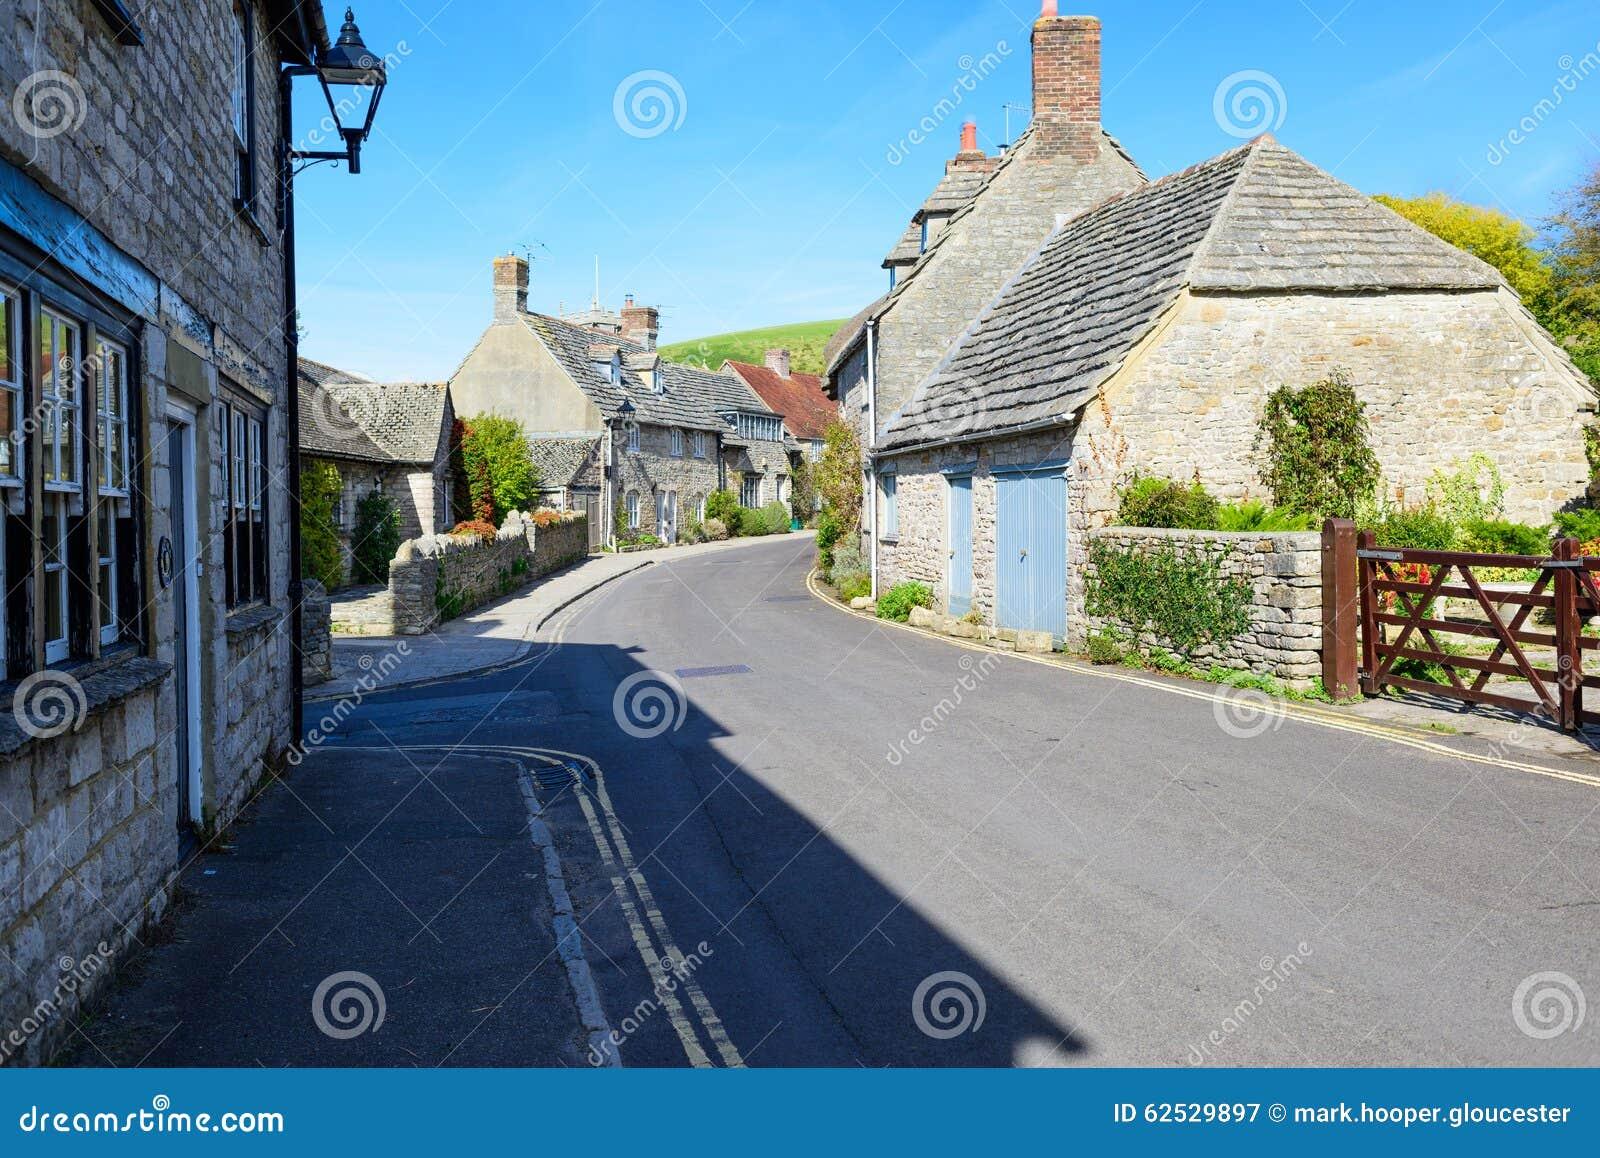 一个典型的英国村庄